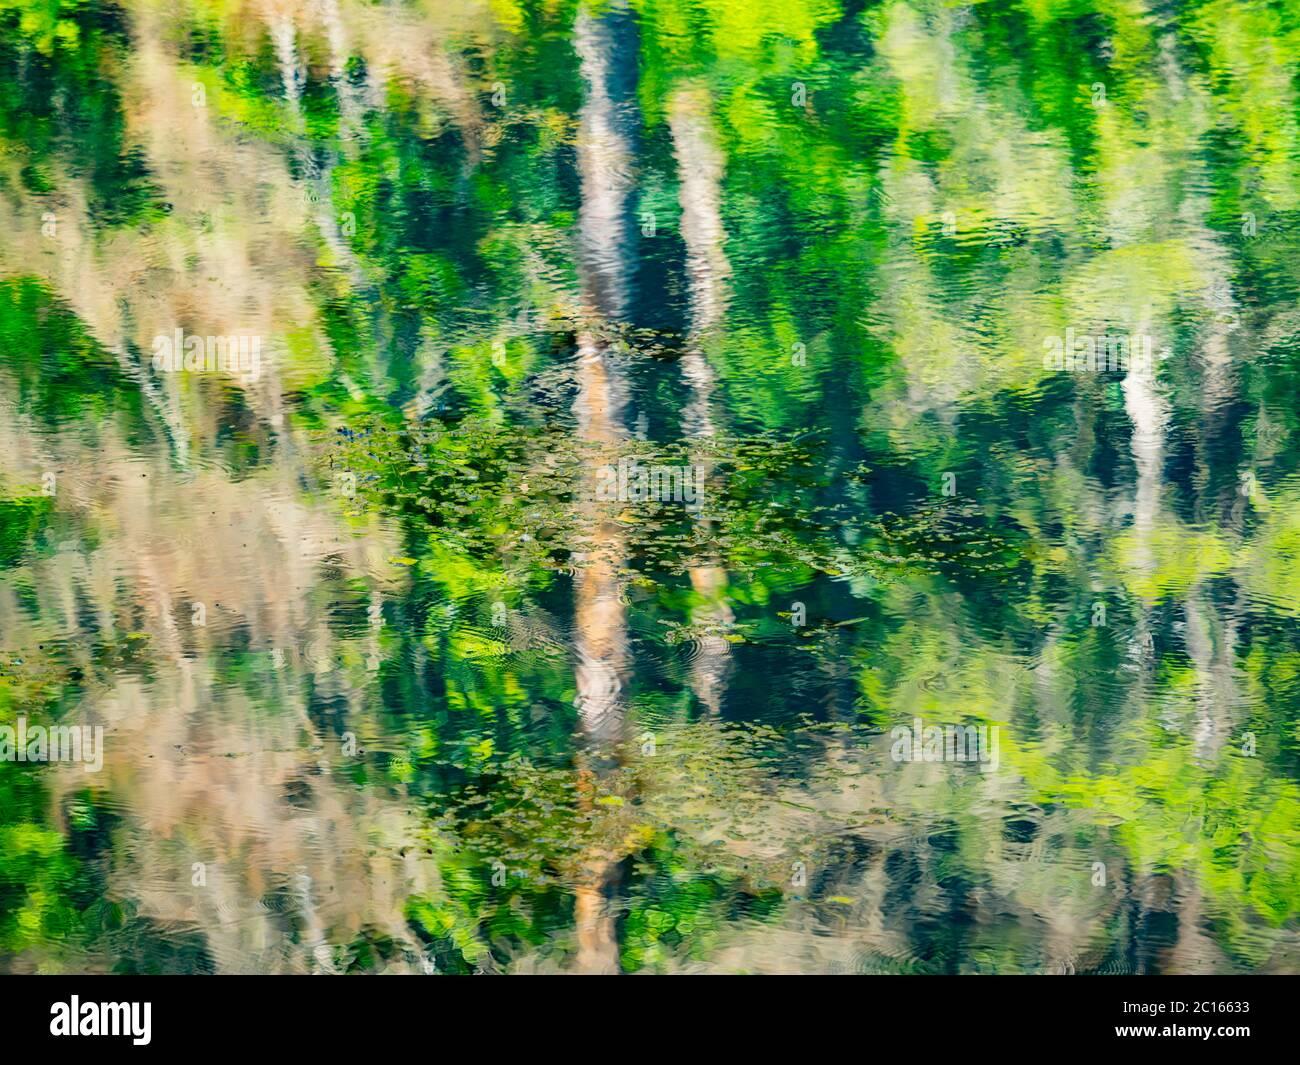 Lago con cascata e derelict vecchia segheria e mulino ad acqua Cogrljevo jezero Croazia Europa quasi artistica riflessioni d'acqua della foresta di Green Spring Foto Stock